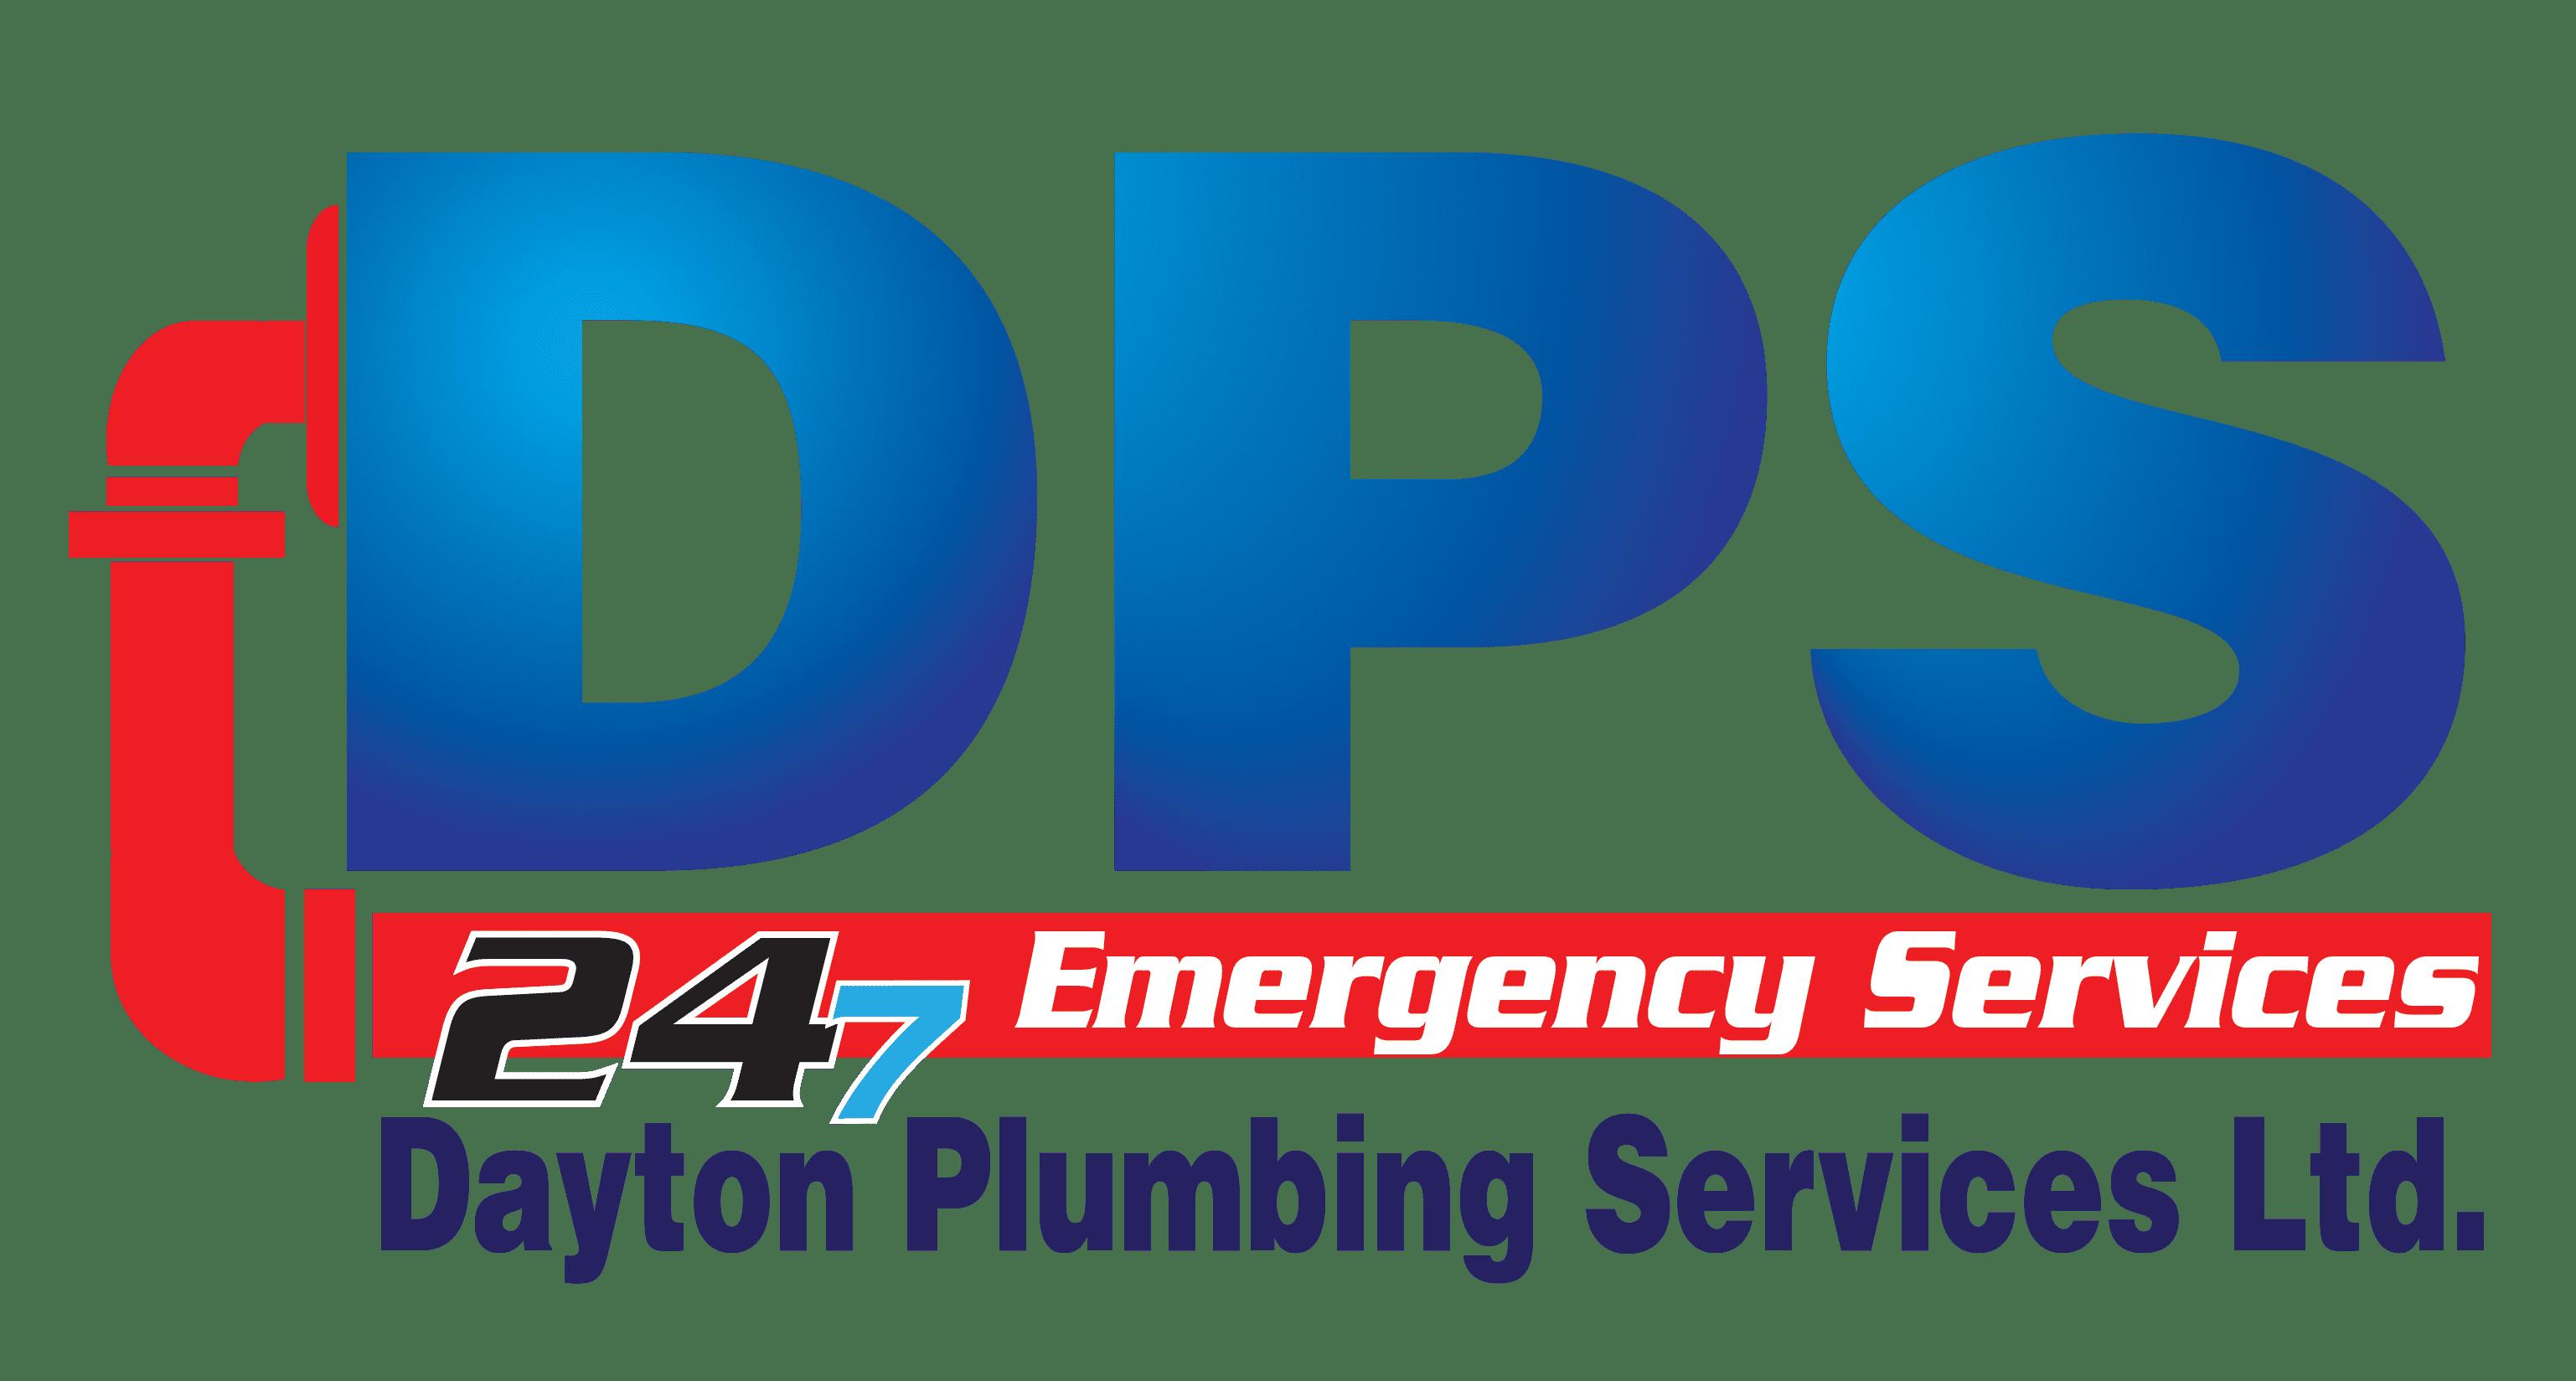 DPS new logo (f4d1334b-8129-4f55-acc3-d76f0616e746)